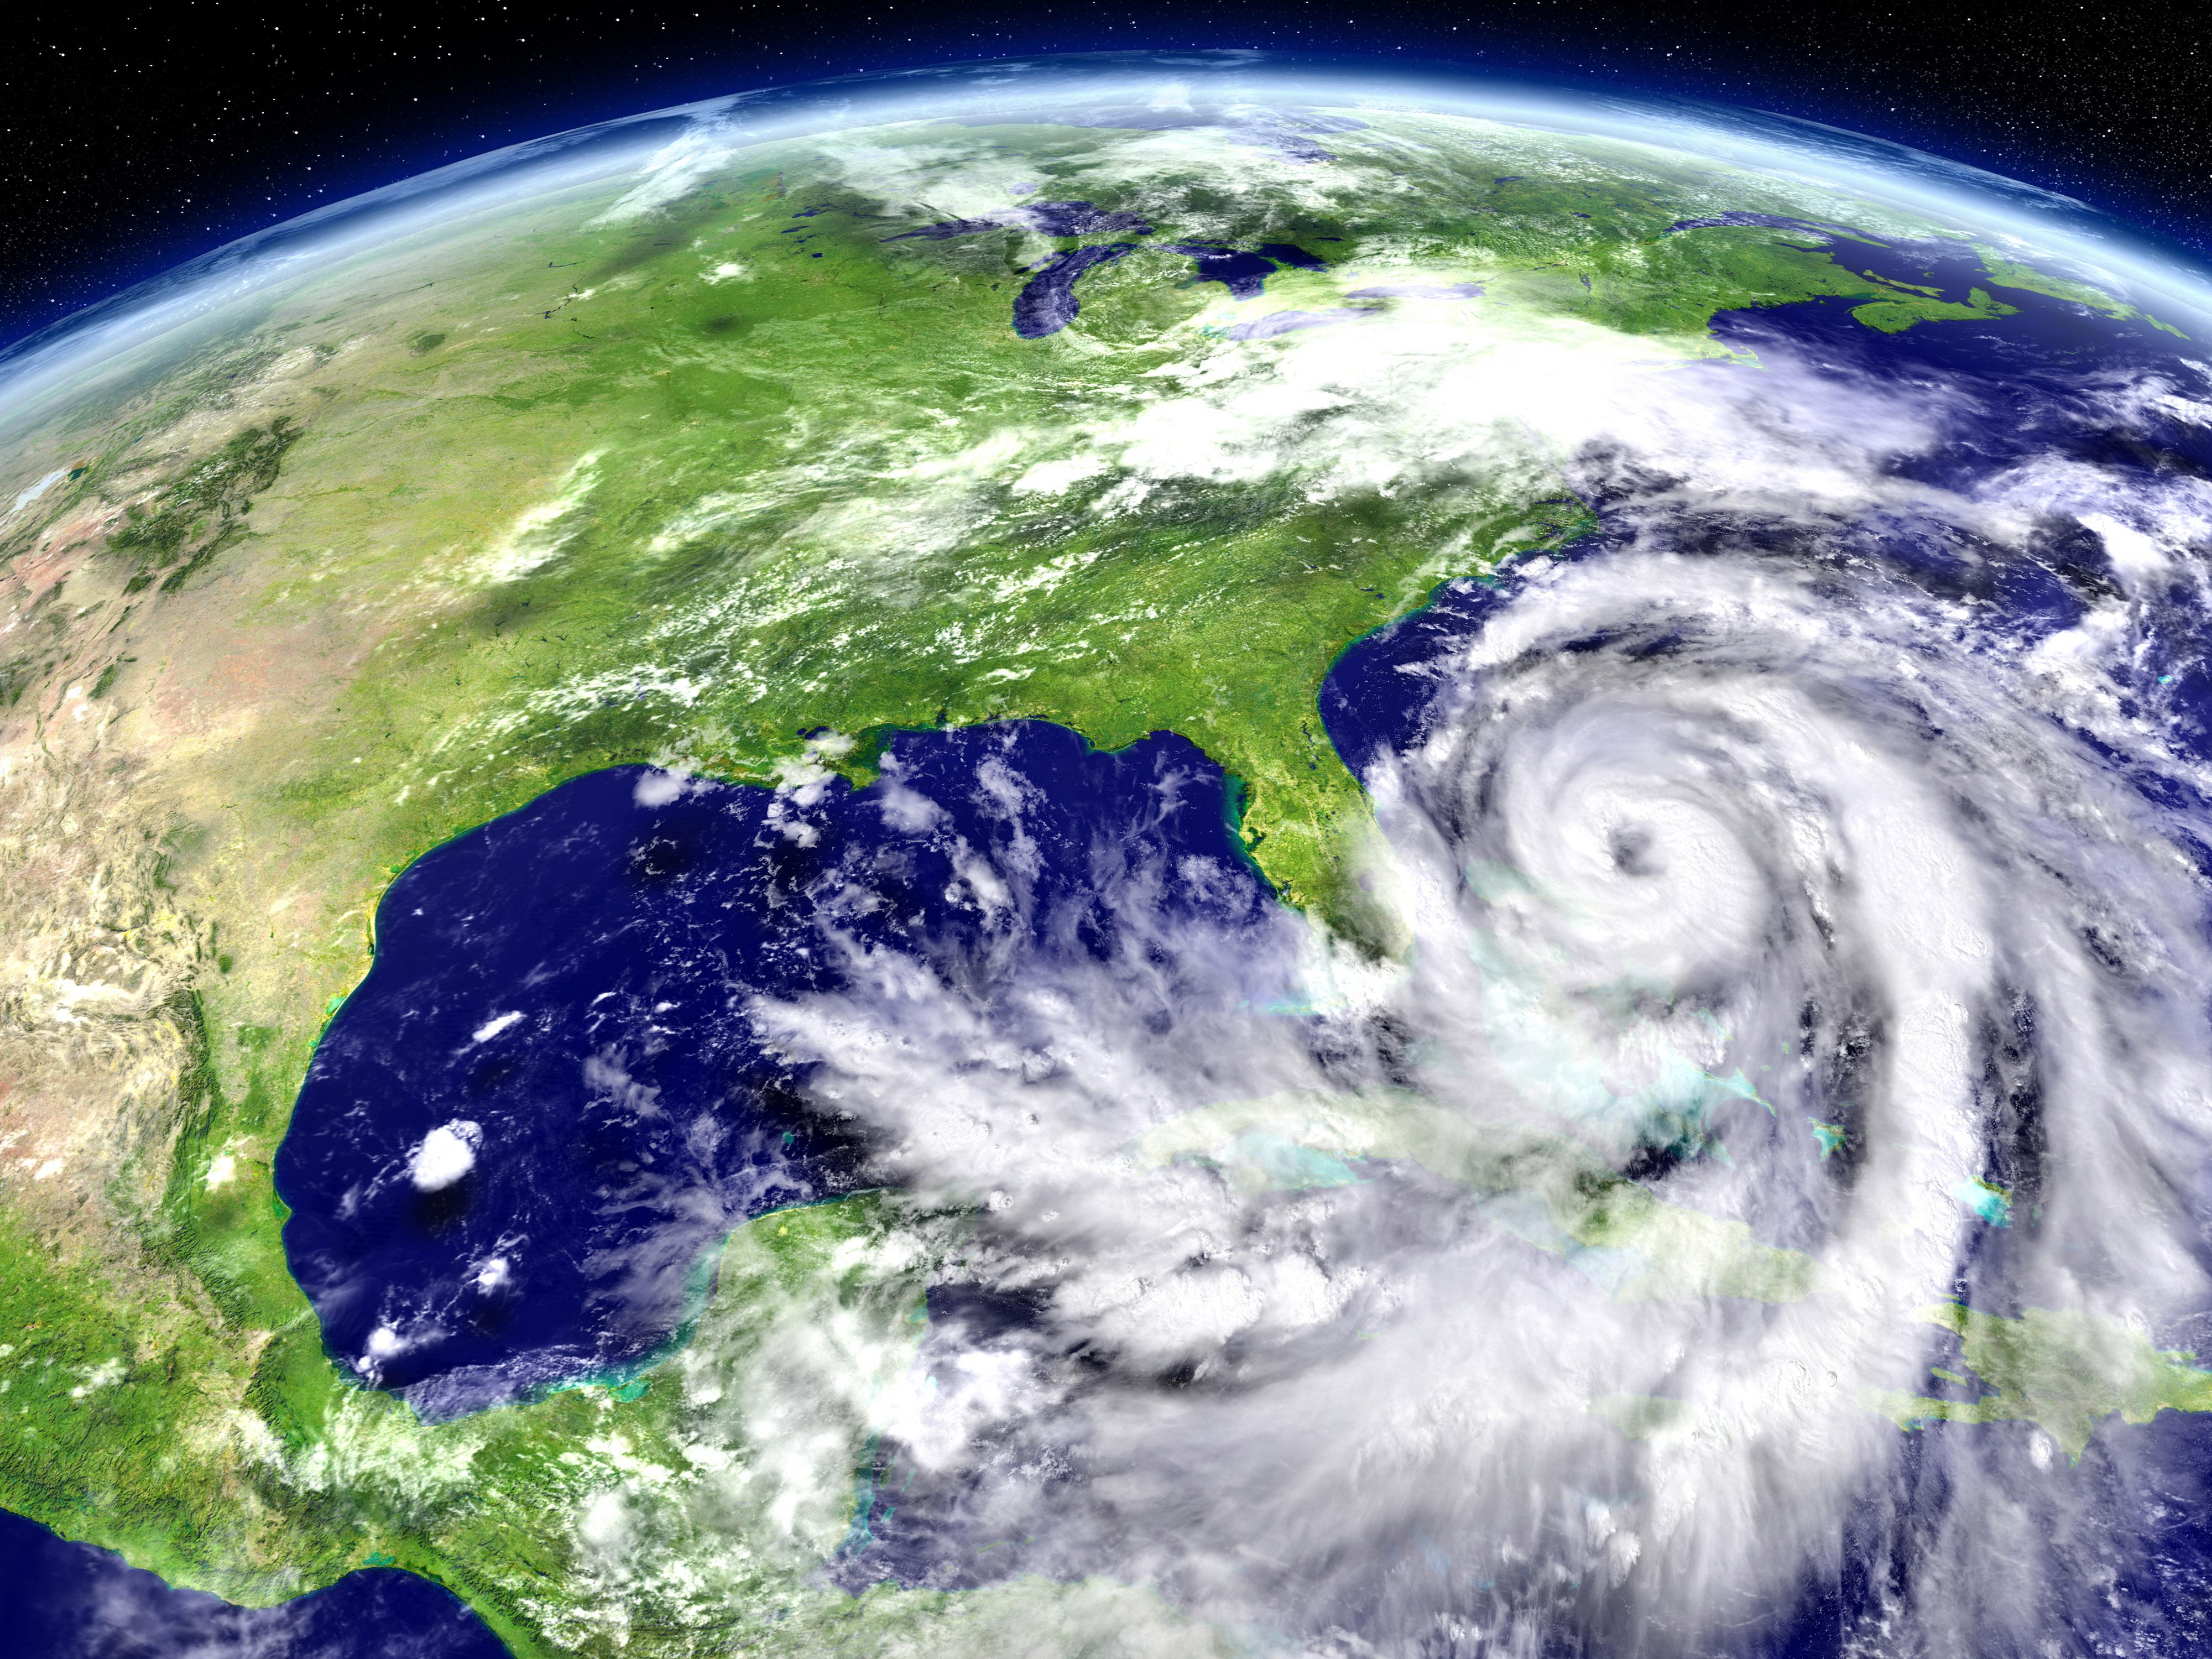 furacão Matthew desastroso - editado